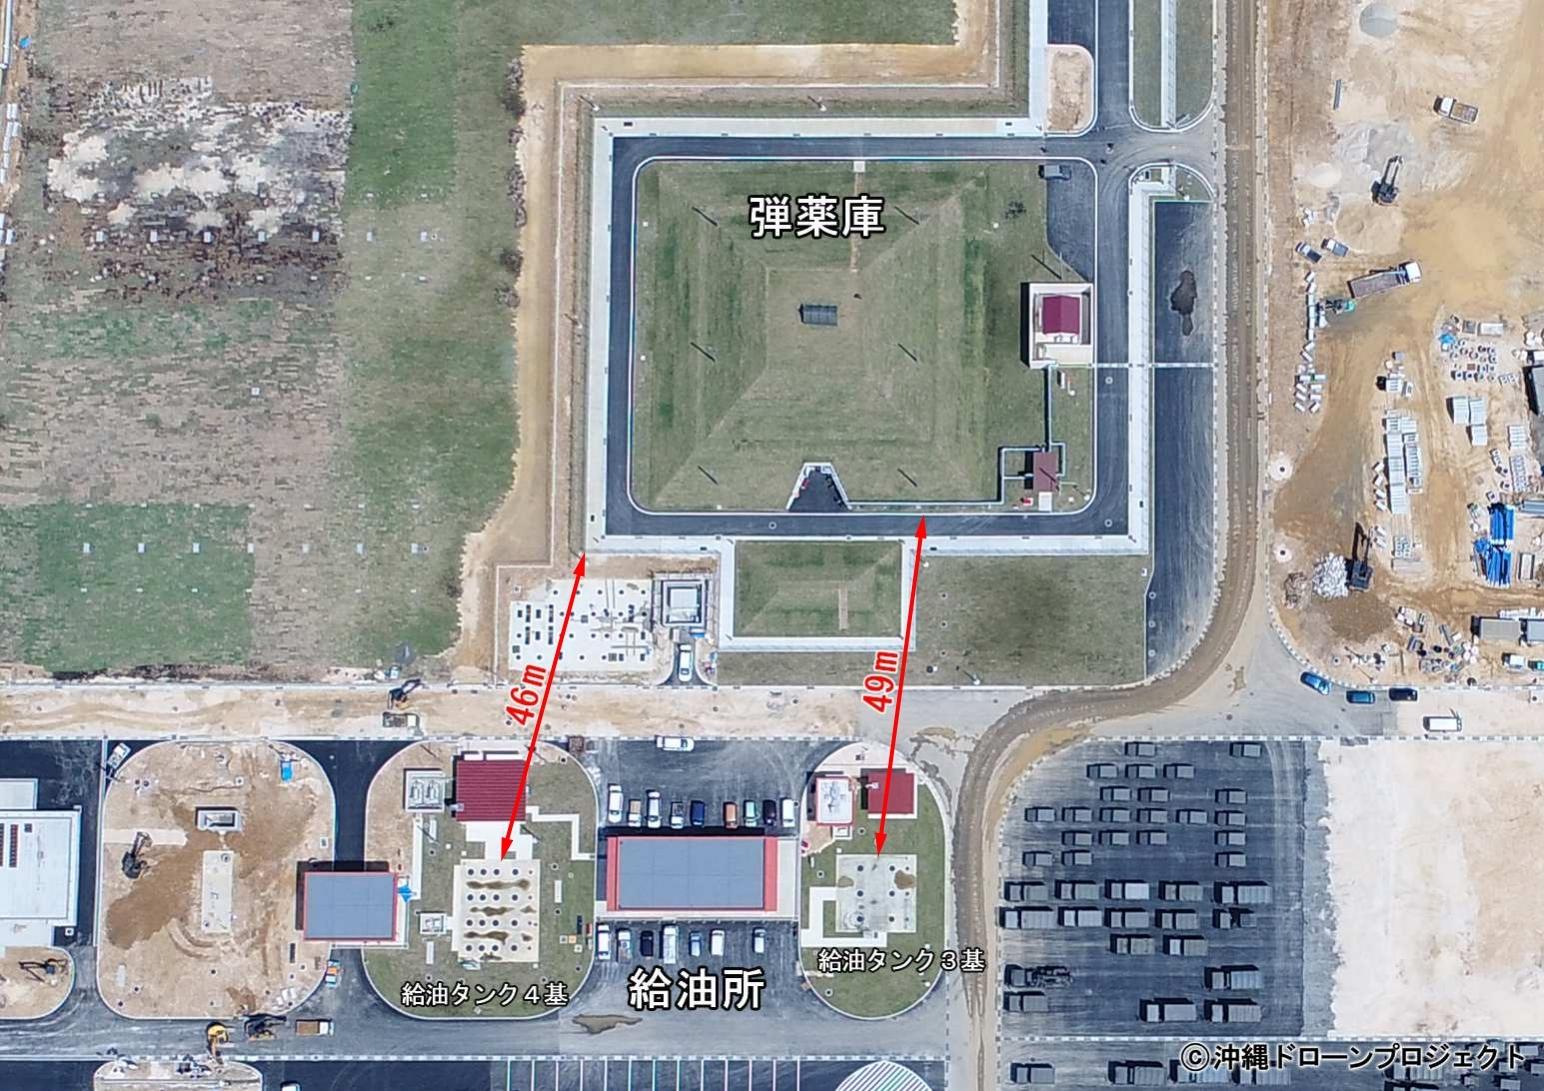 弾薬庫と燃料タンクの位置関係